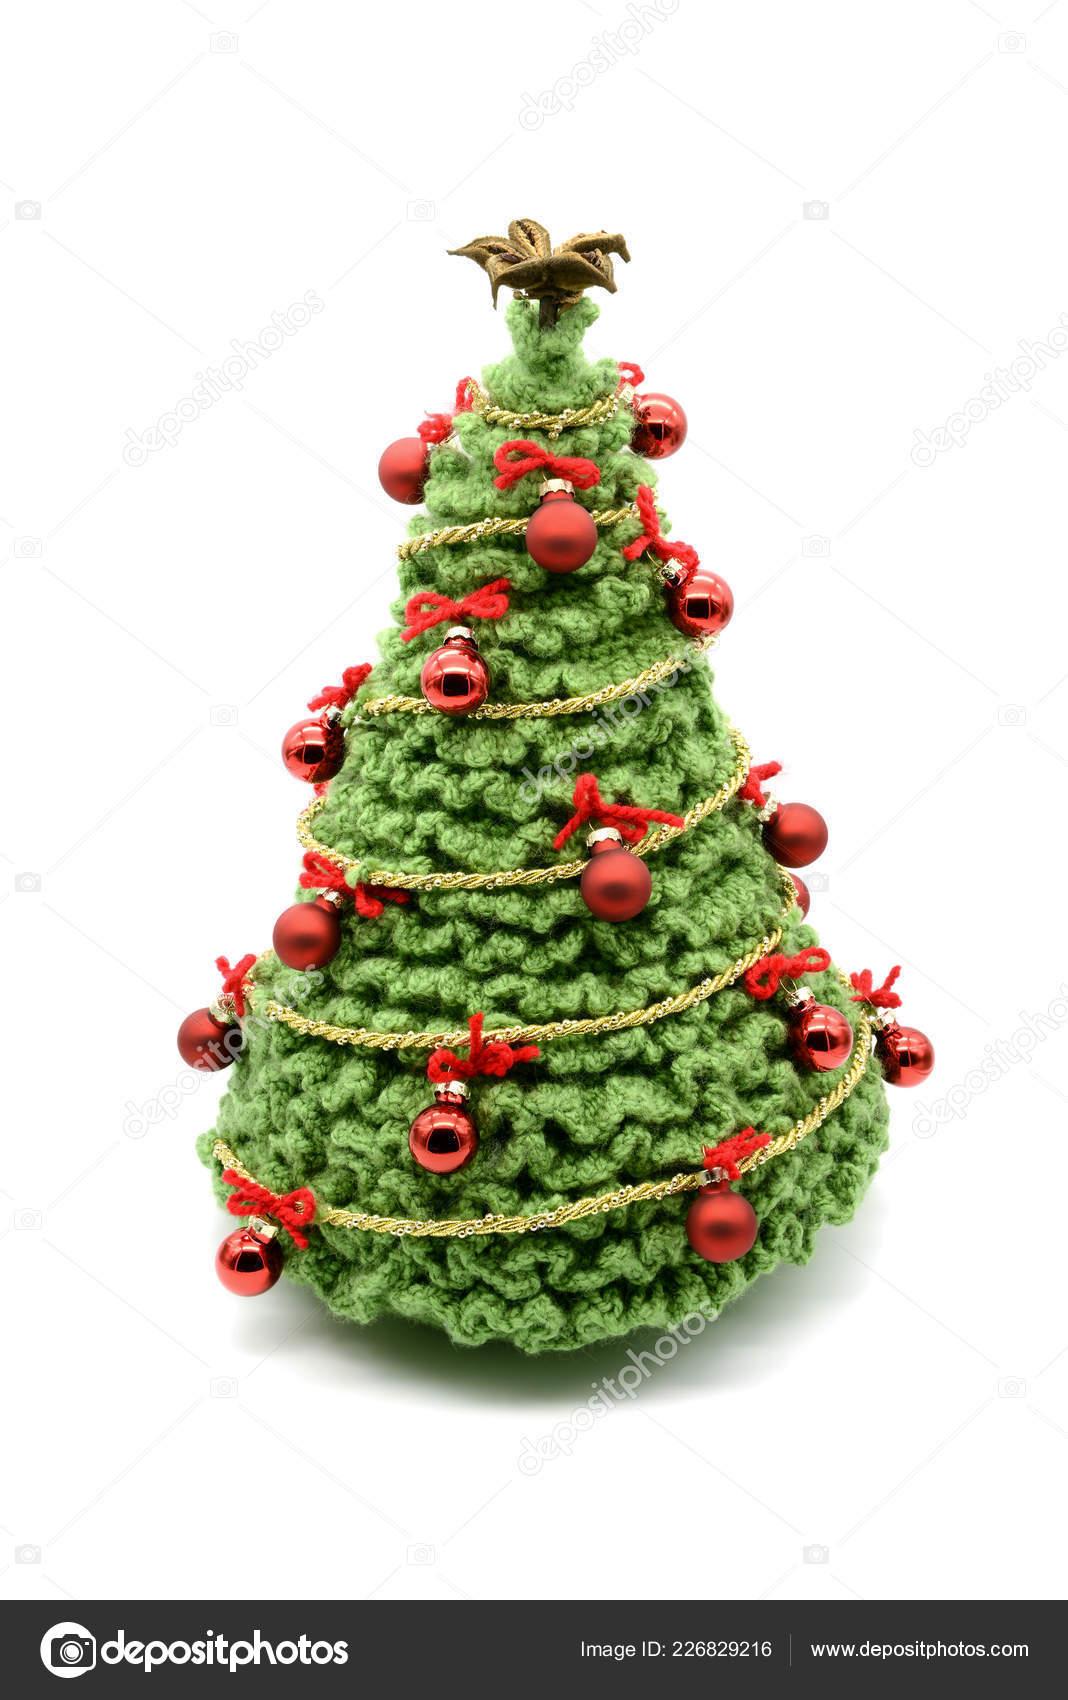 All Uncinetto Albero Natale Isolato Con Palle Ornamenti Realizzato